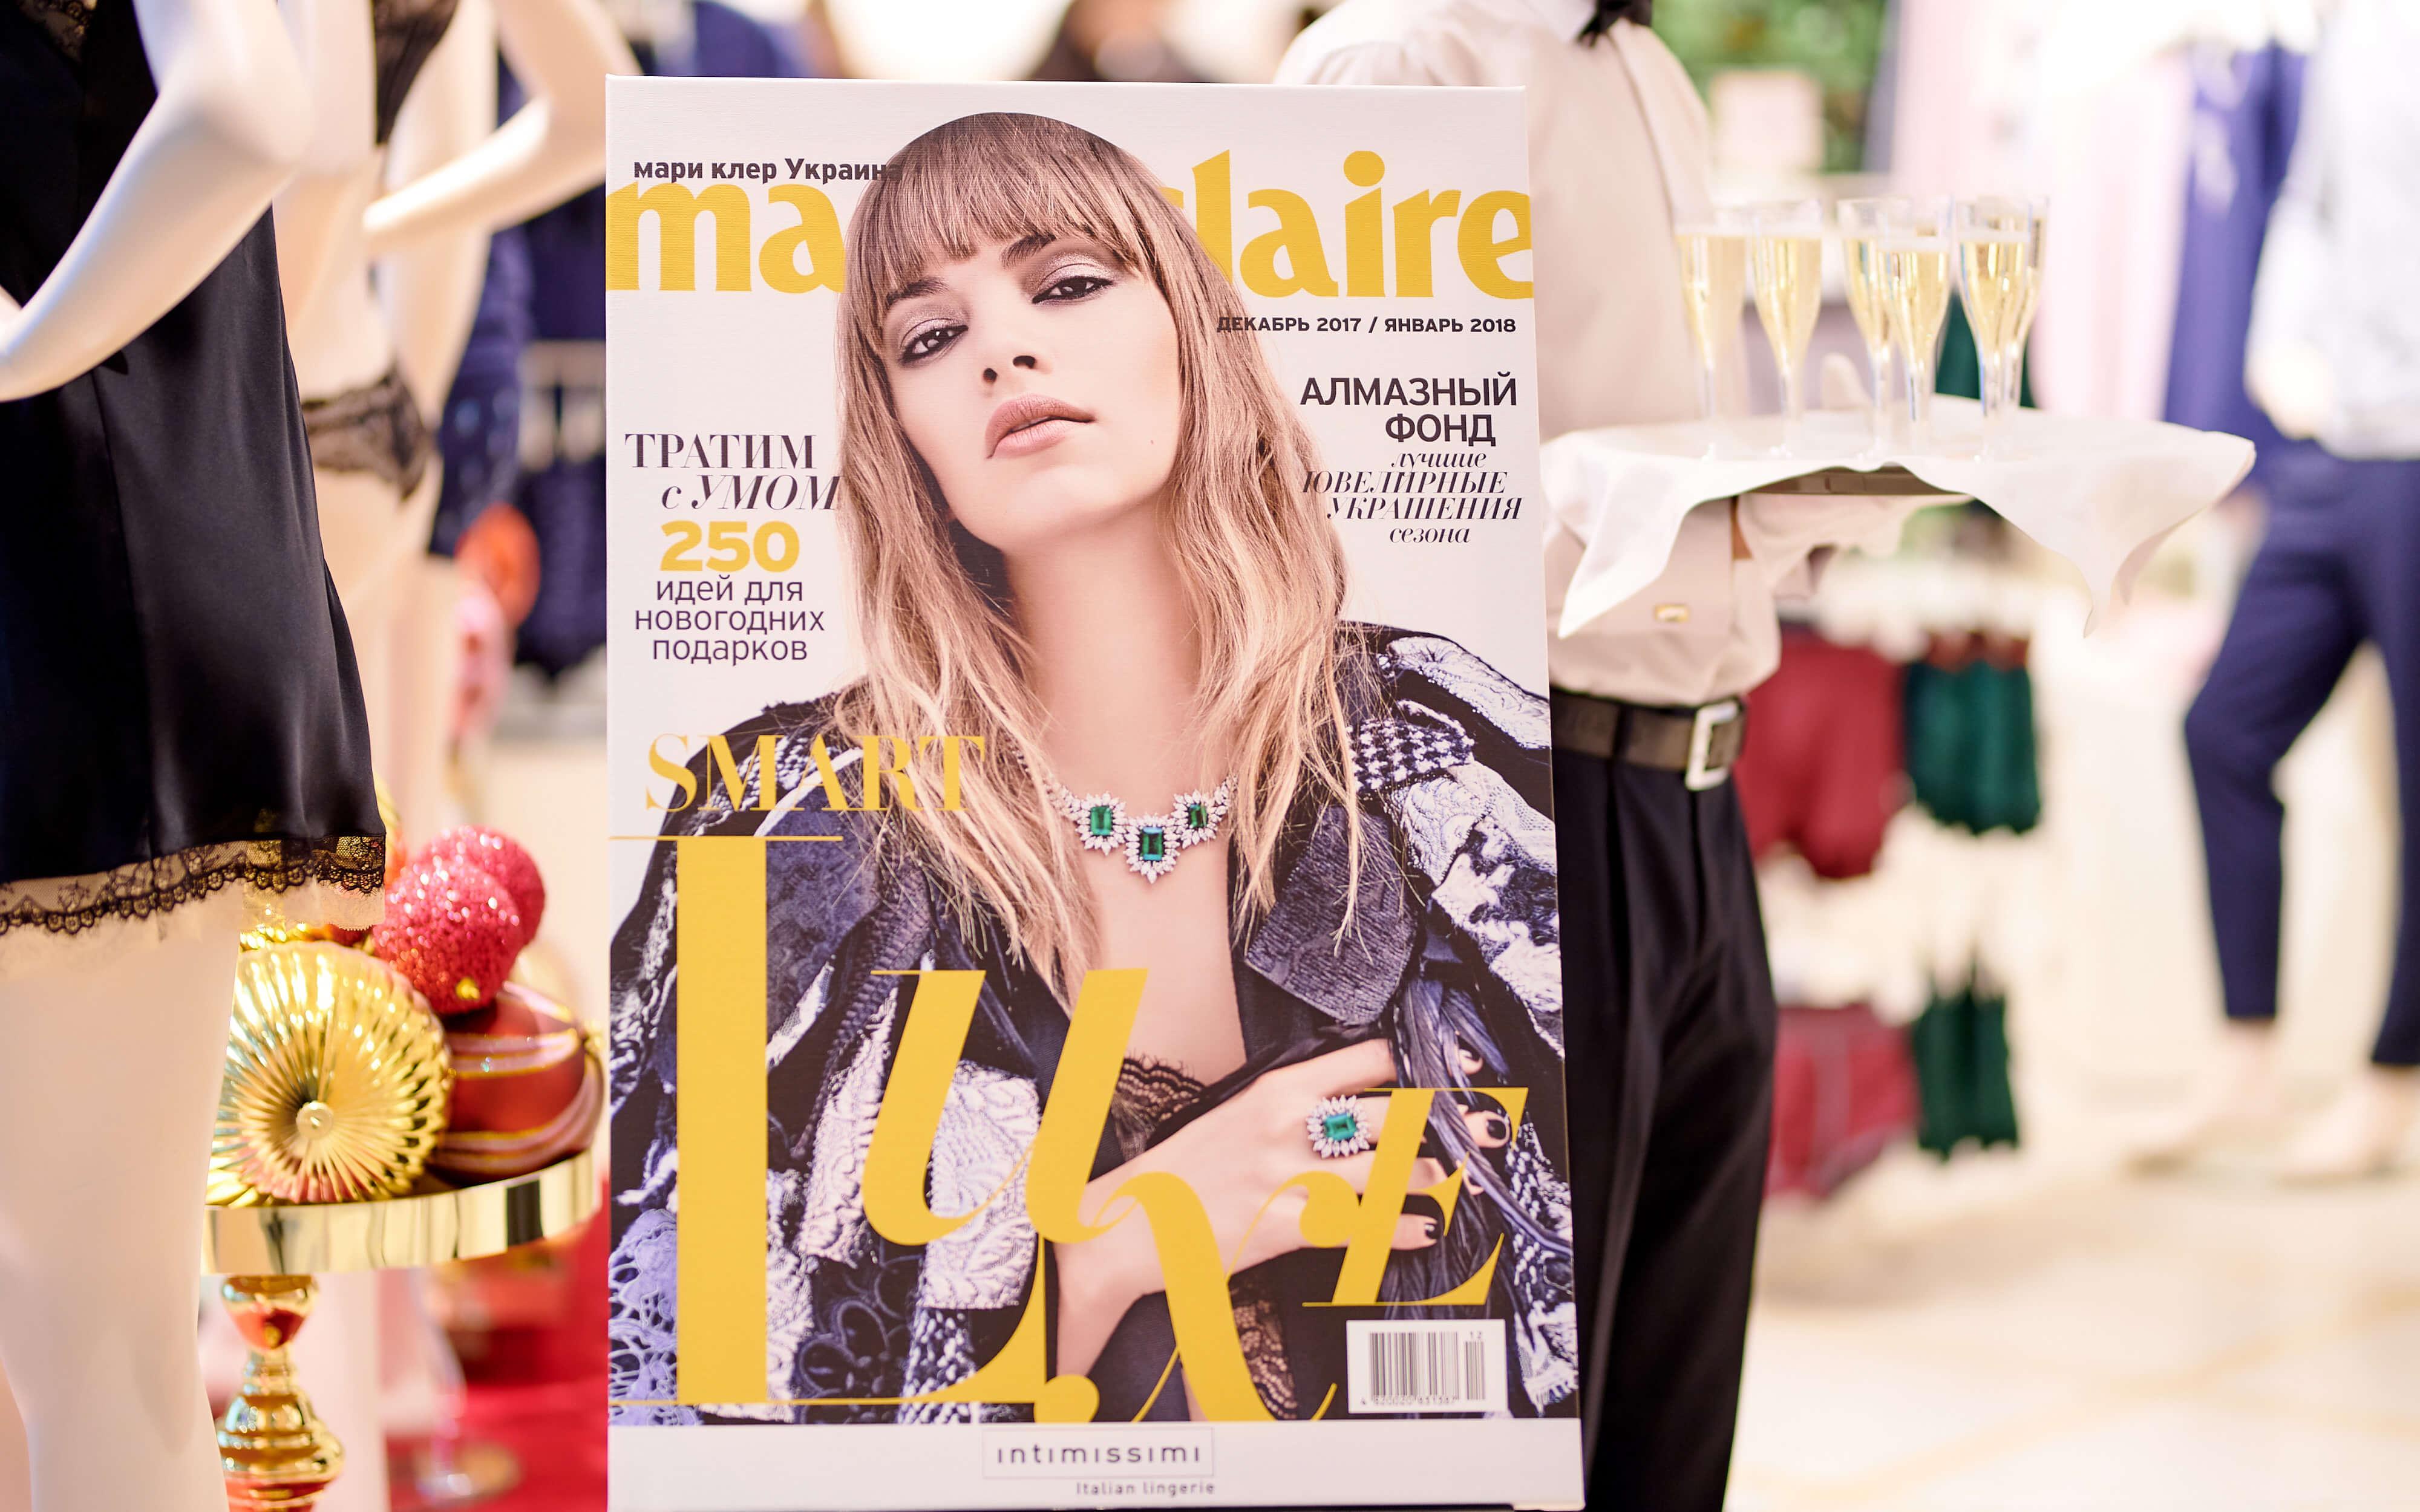 Фотоотчет: Как прошел коктейль журнала Marie Claire, бренда Intimissimi и Calzedonia-320x180